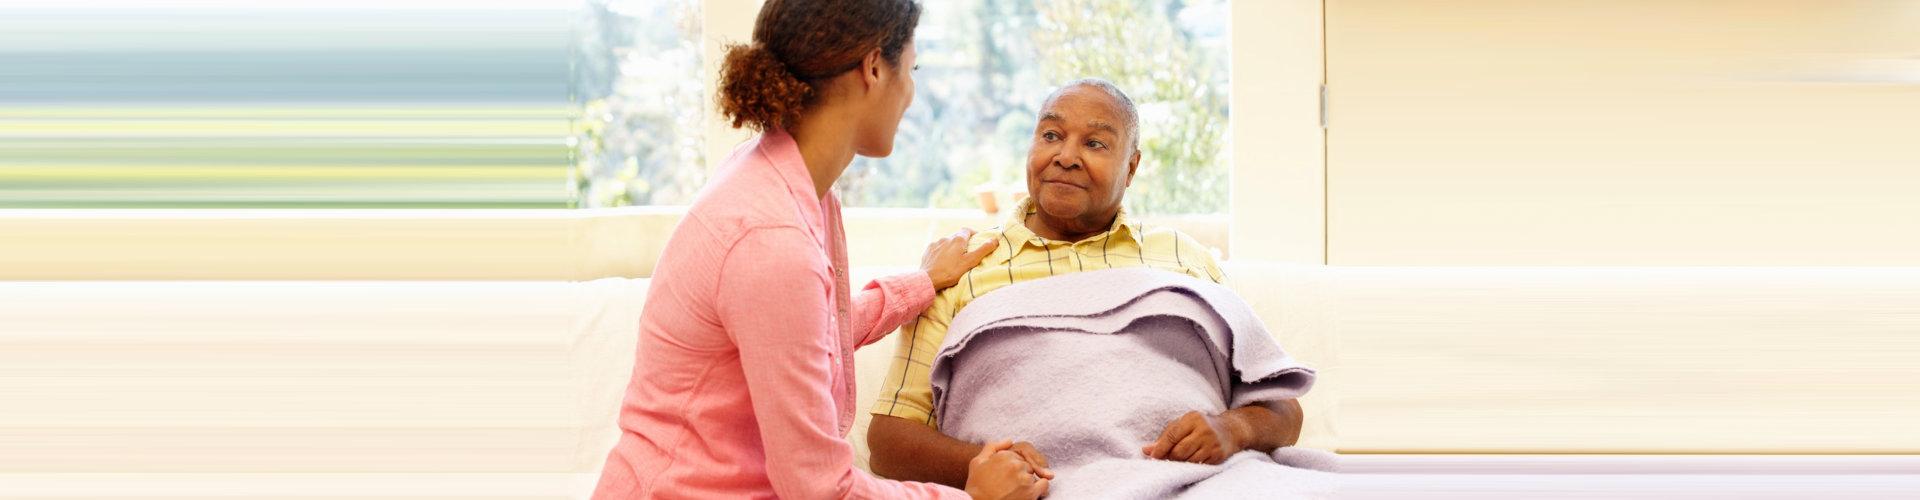 woman talking to senior man